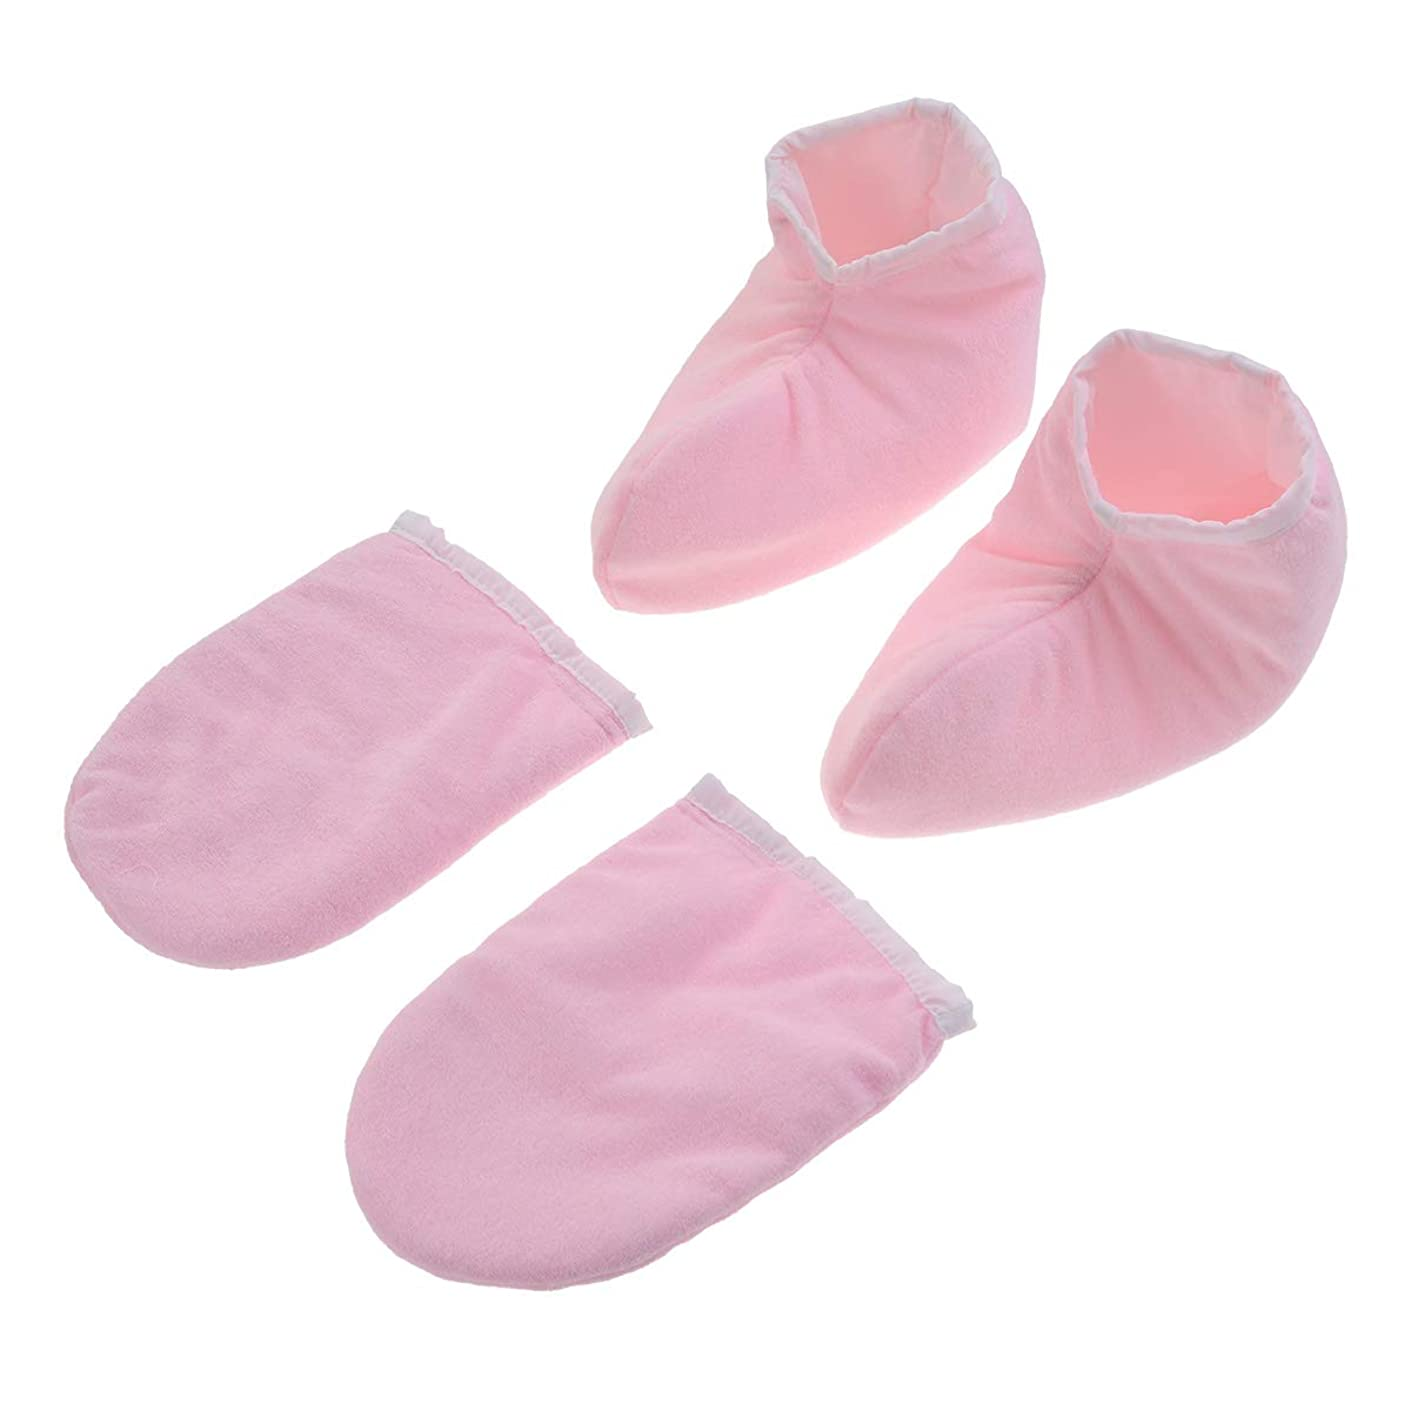 Lurrose 2ペアパラフィンワックス手袋ハンドフィートトリートメントミットビューティーハンドミットセラピースパミトン女性のための美容(ピンク)